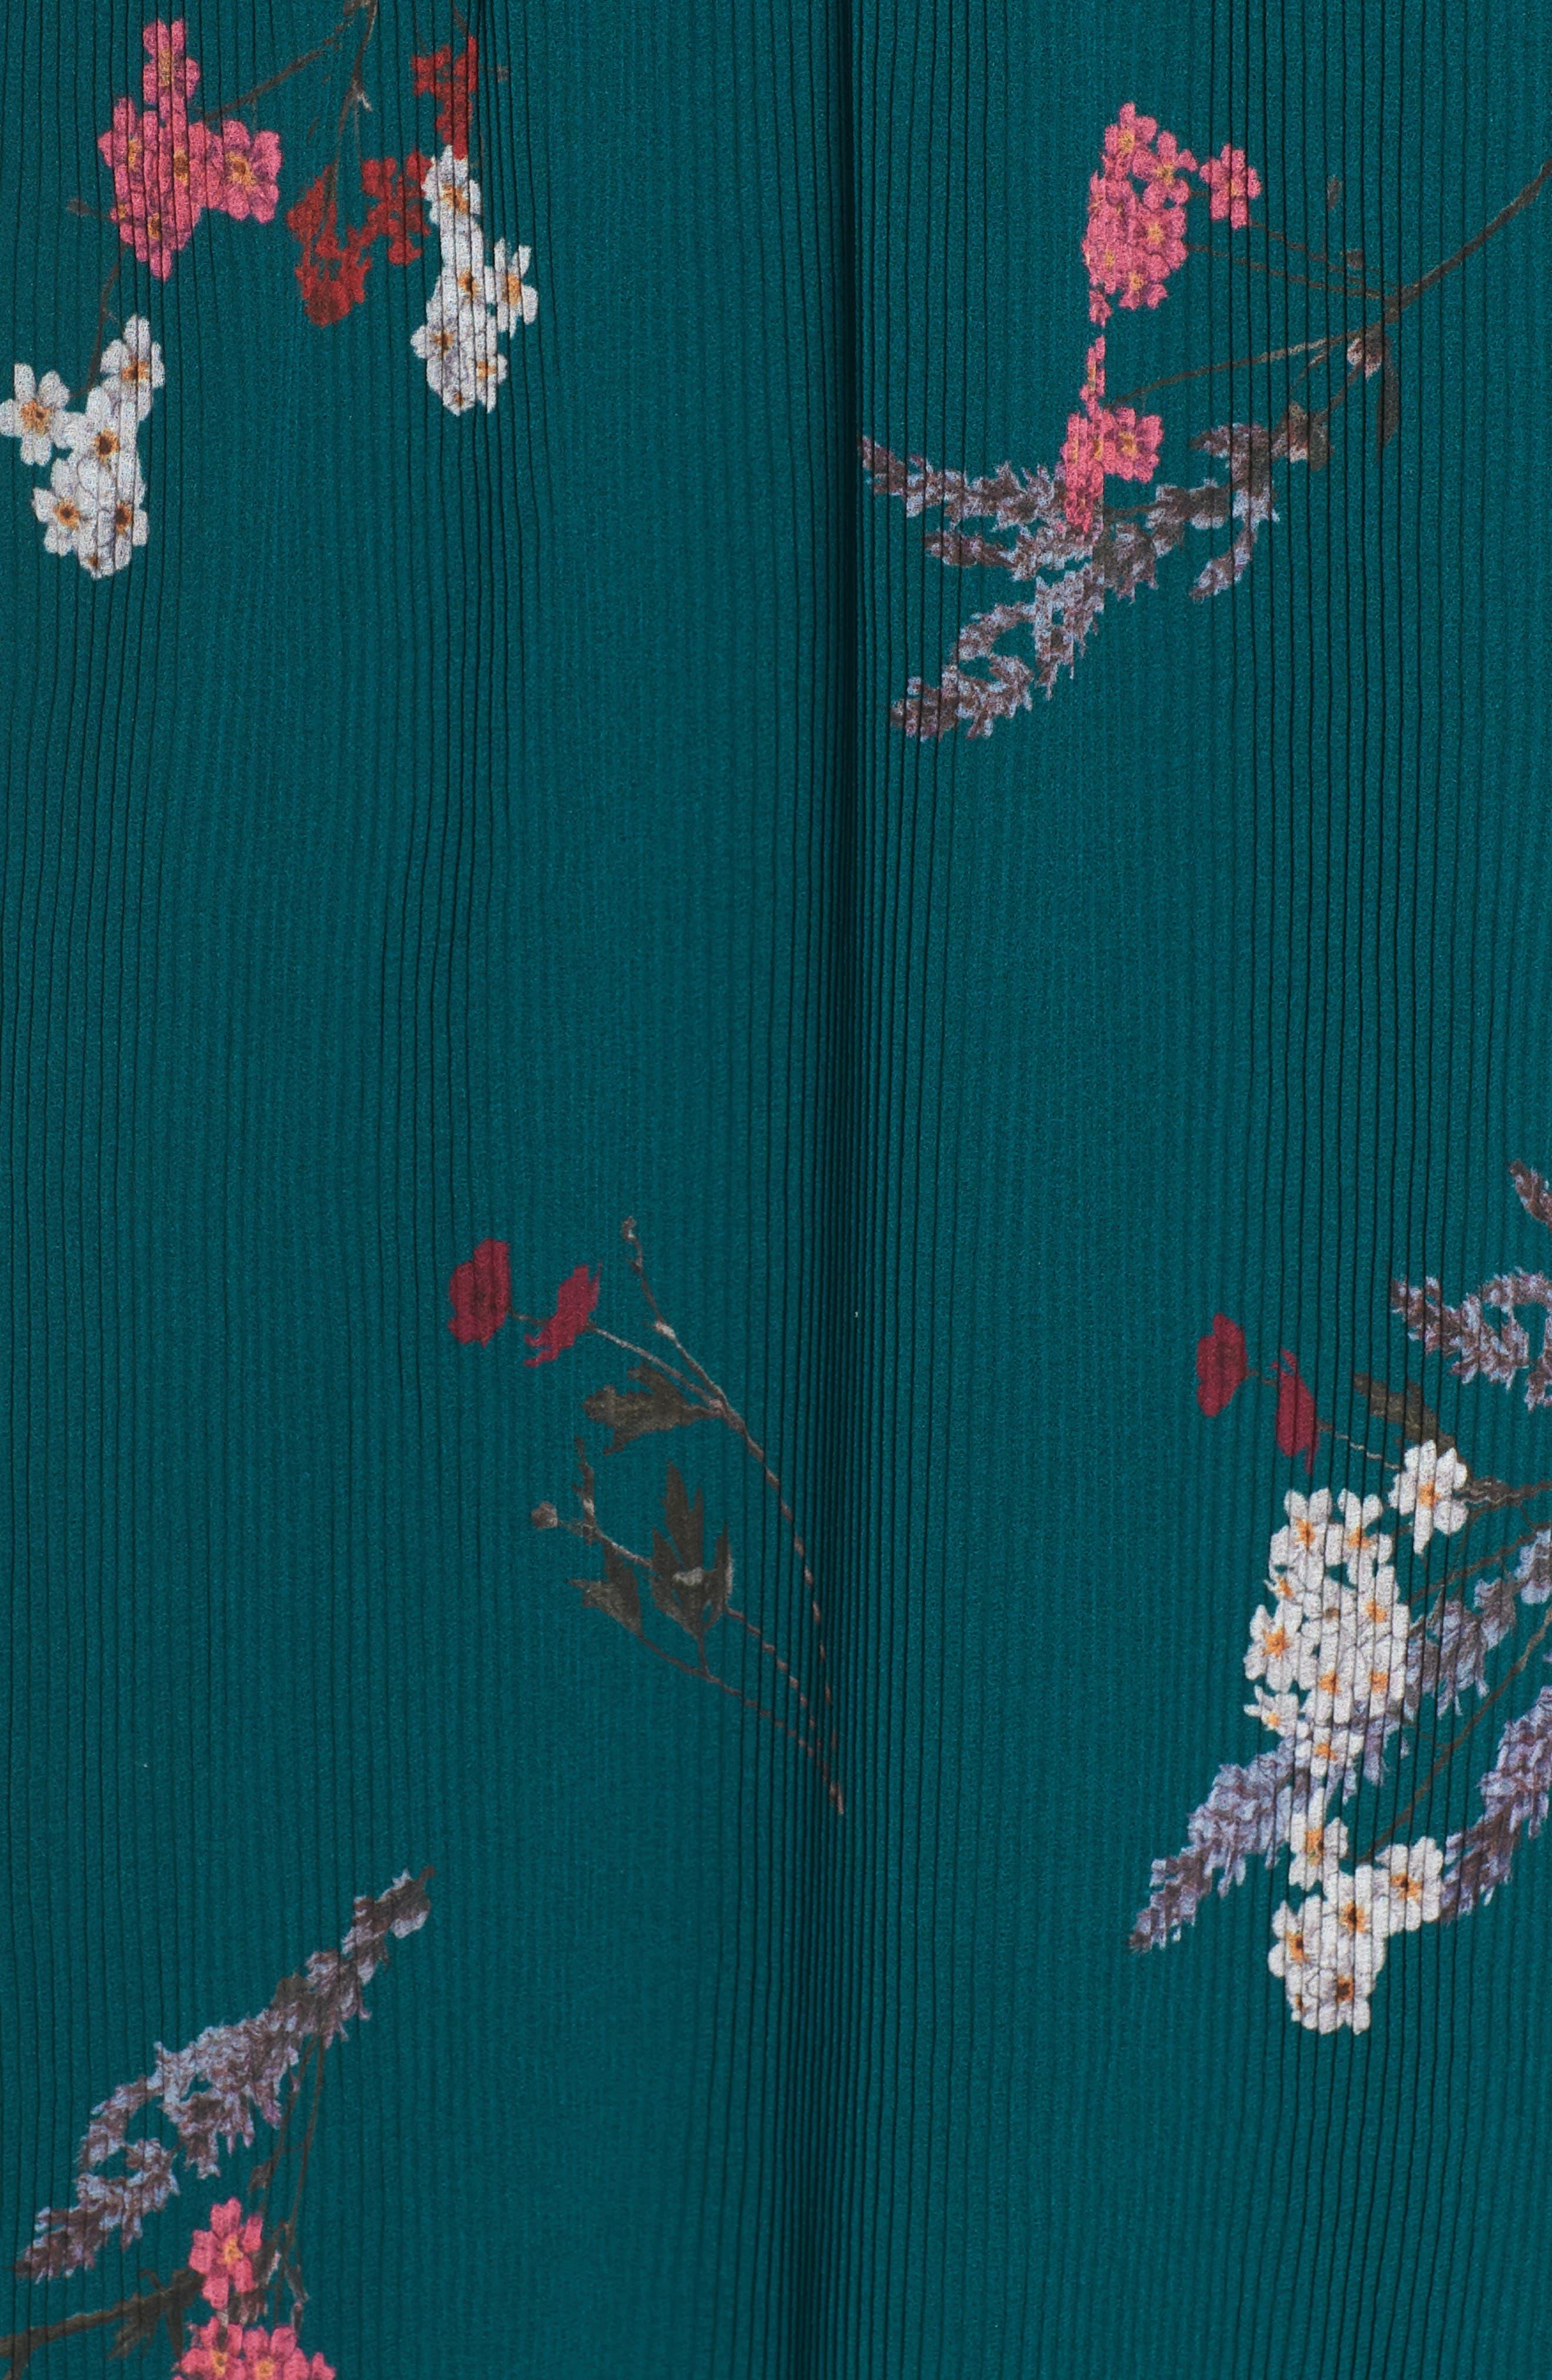 Night Fall Midi Dress,                             Alternate thumbnail 6, color,                             310